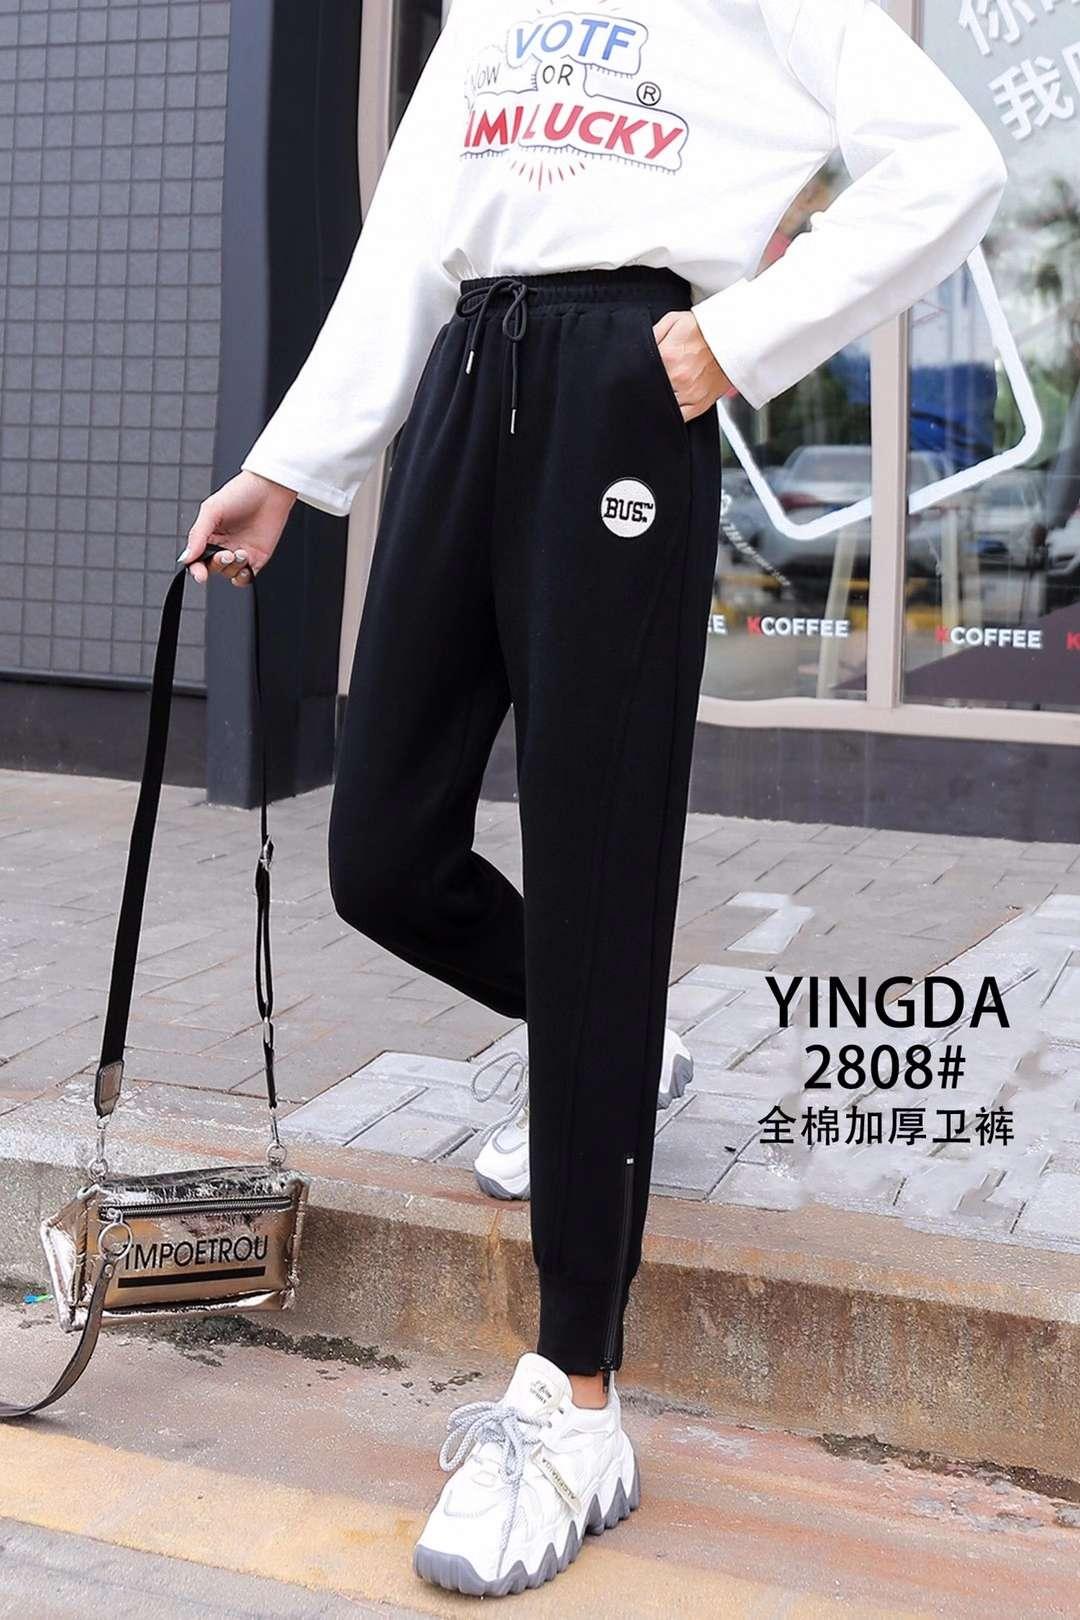 纯棉卫裤,加厚卫裤,前面圆标刺绣,脚口拉链设计秋冬爆款,黑灰两色